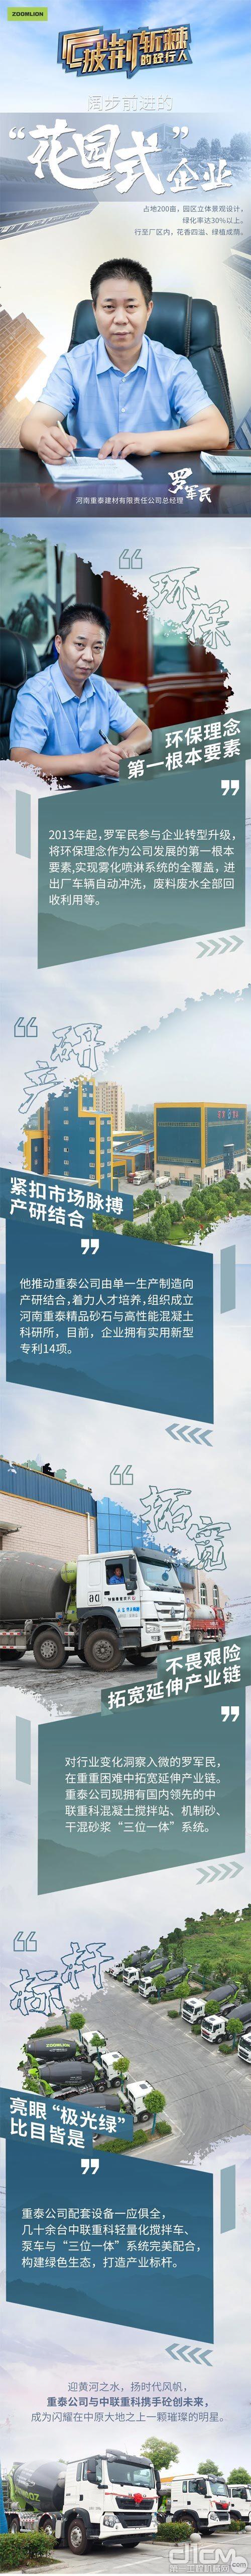 中联混凝土机械客户采访